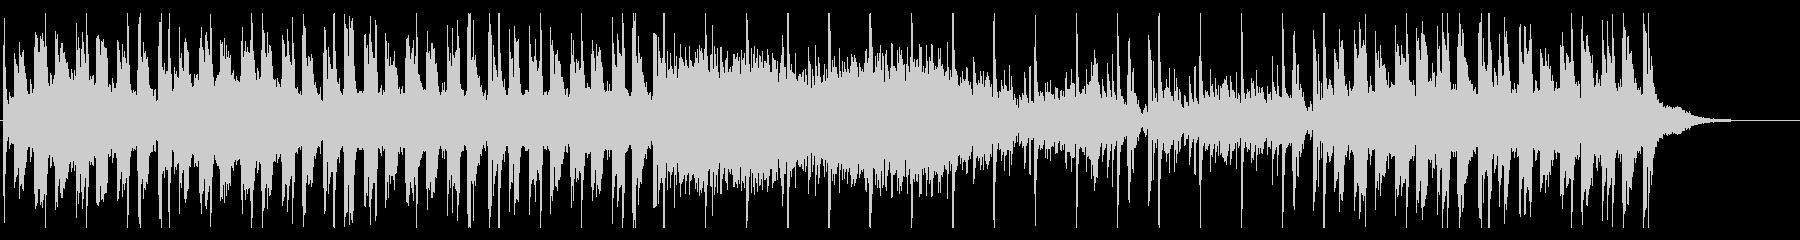 ゲームミュージック25/ミステリアスの未再生の波形